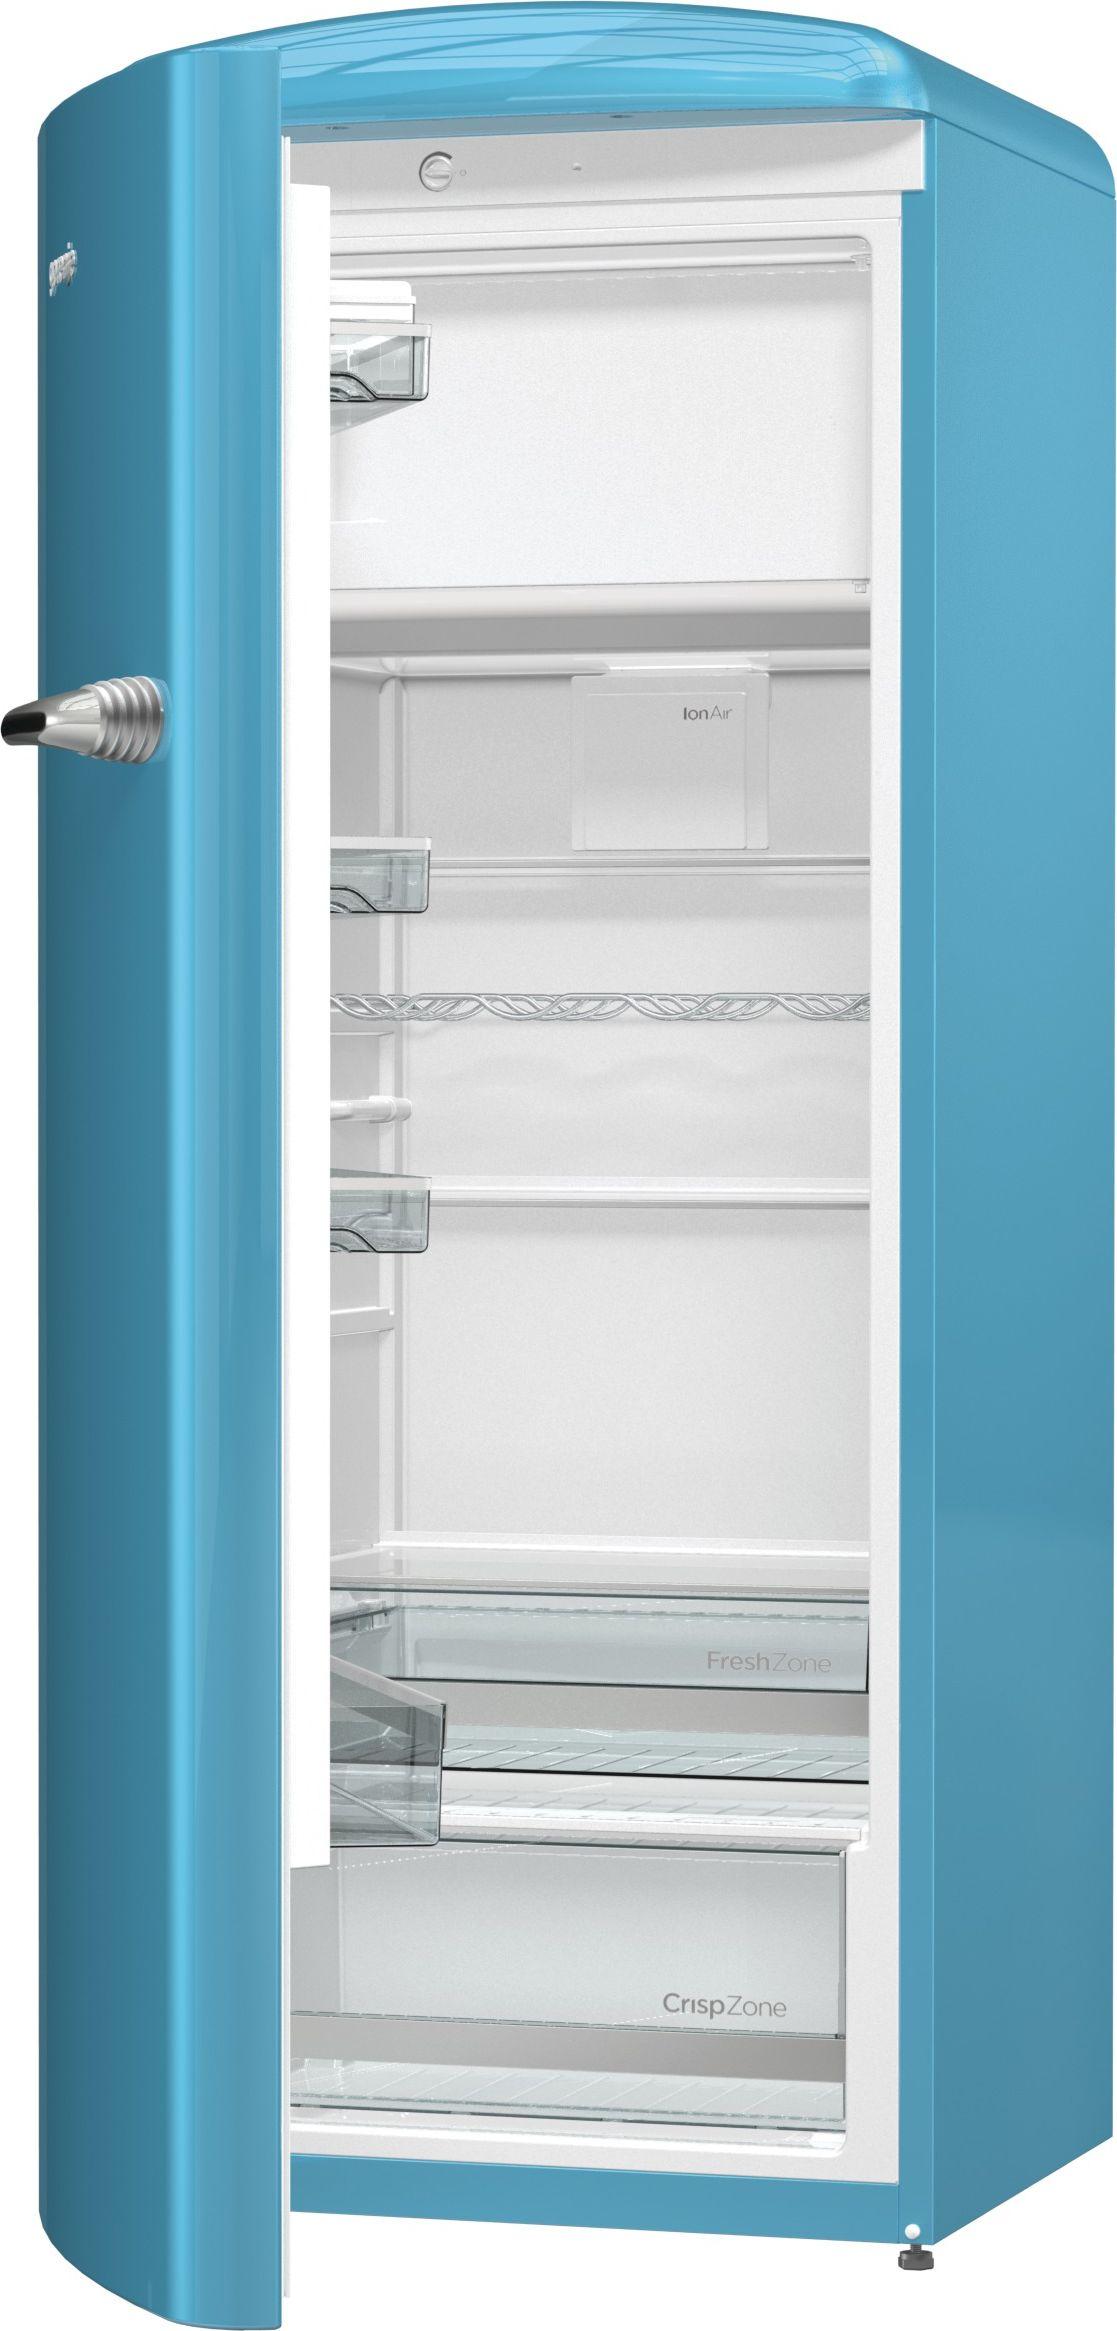 Gorenje ORB153BL-L Kühlschrank blau (A+++, 229l Kühlen, 25l Gefrieren, FreshZone, CrispZone, Flaschenablage, 1540x600x669mm)